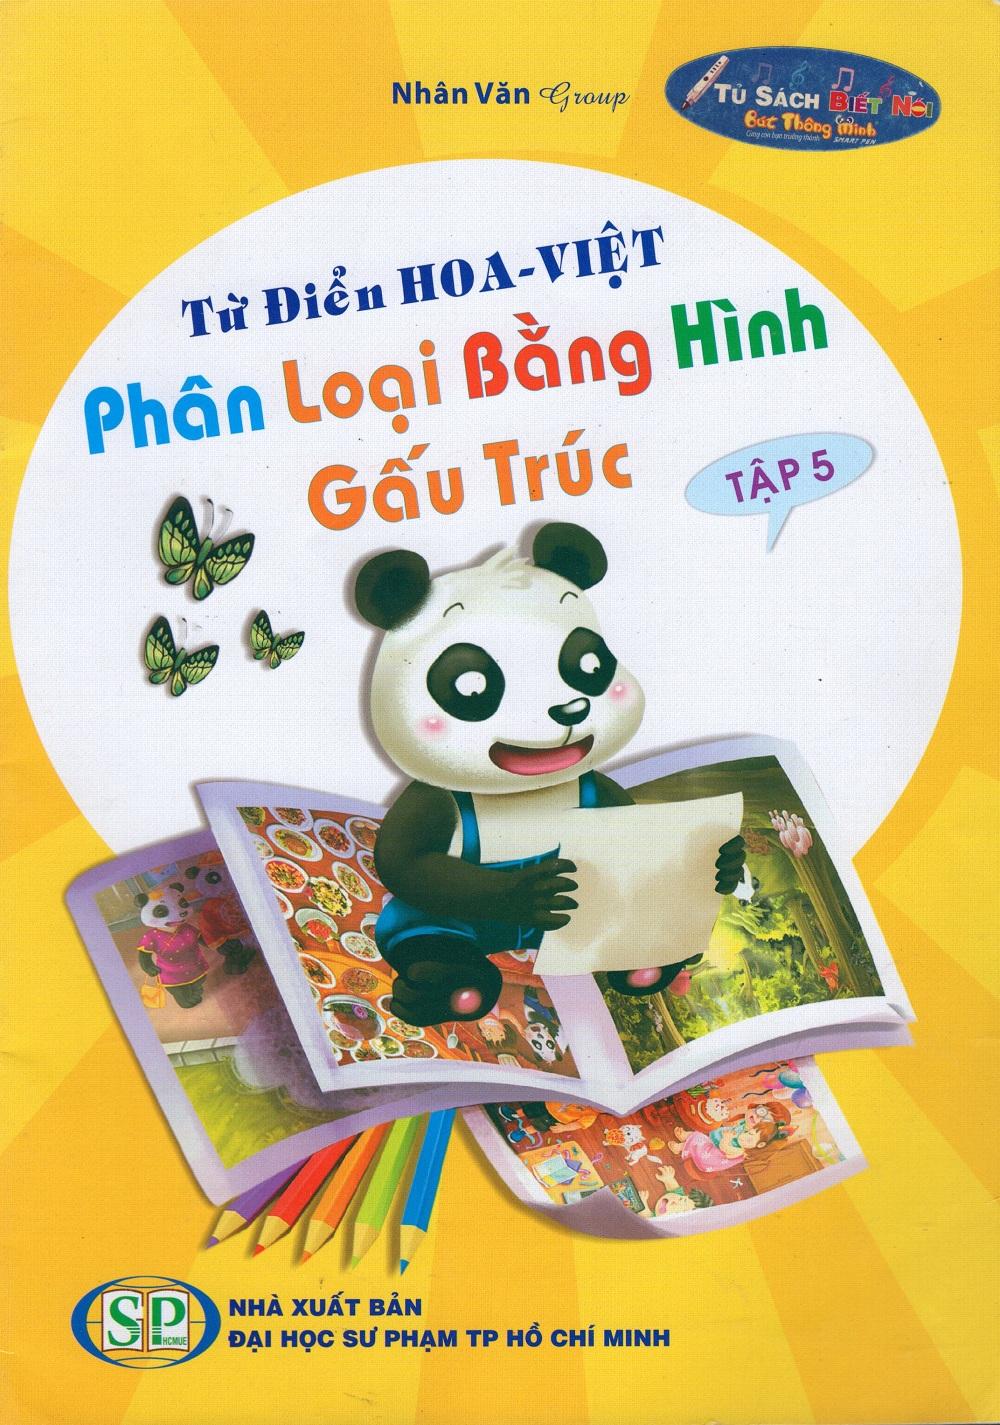 Bìa sách Từ Điển Hoa - Việt Phân Loại Bằng Hình Gấu Trúc (Tập 5)